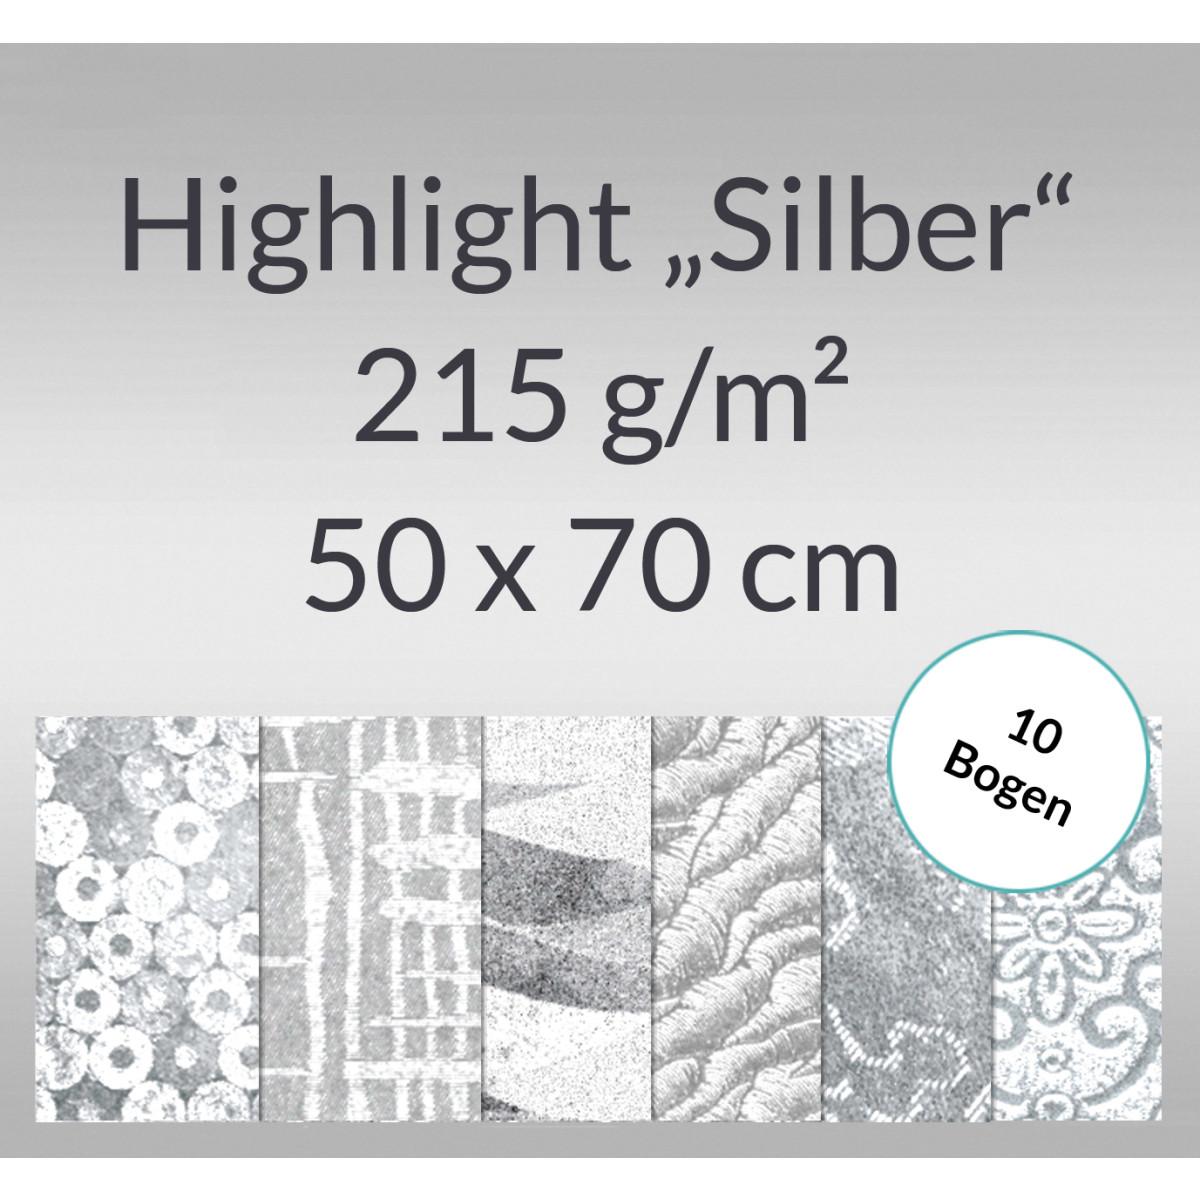 """Highlight """"Silber"""" 50 x 70 cm - 10 Bogen"""